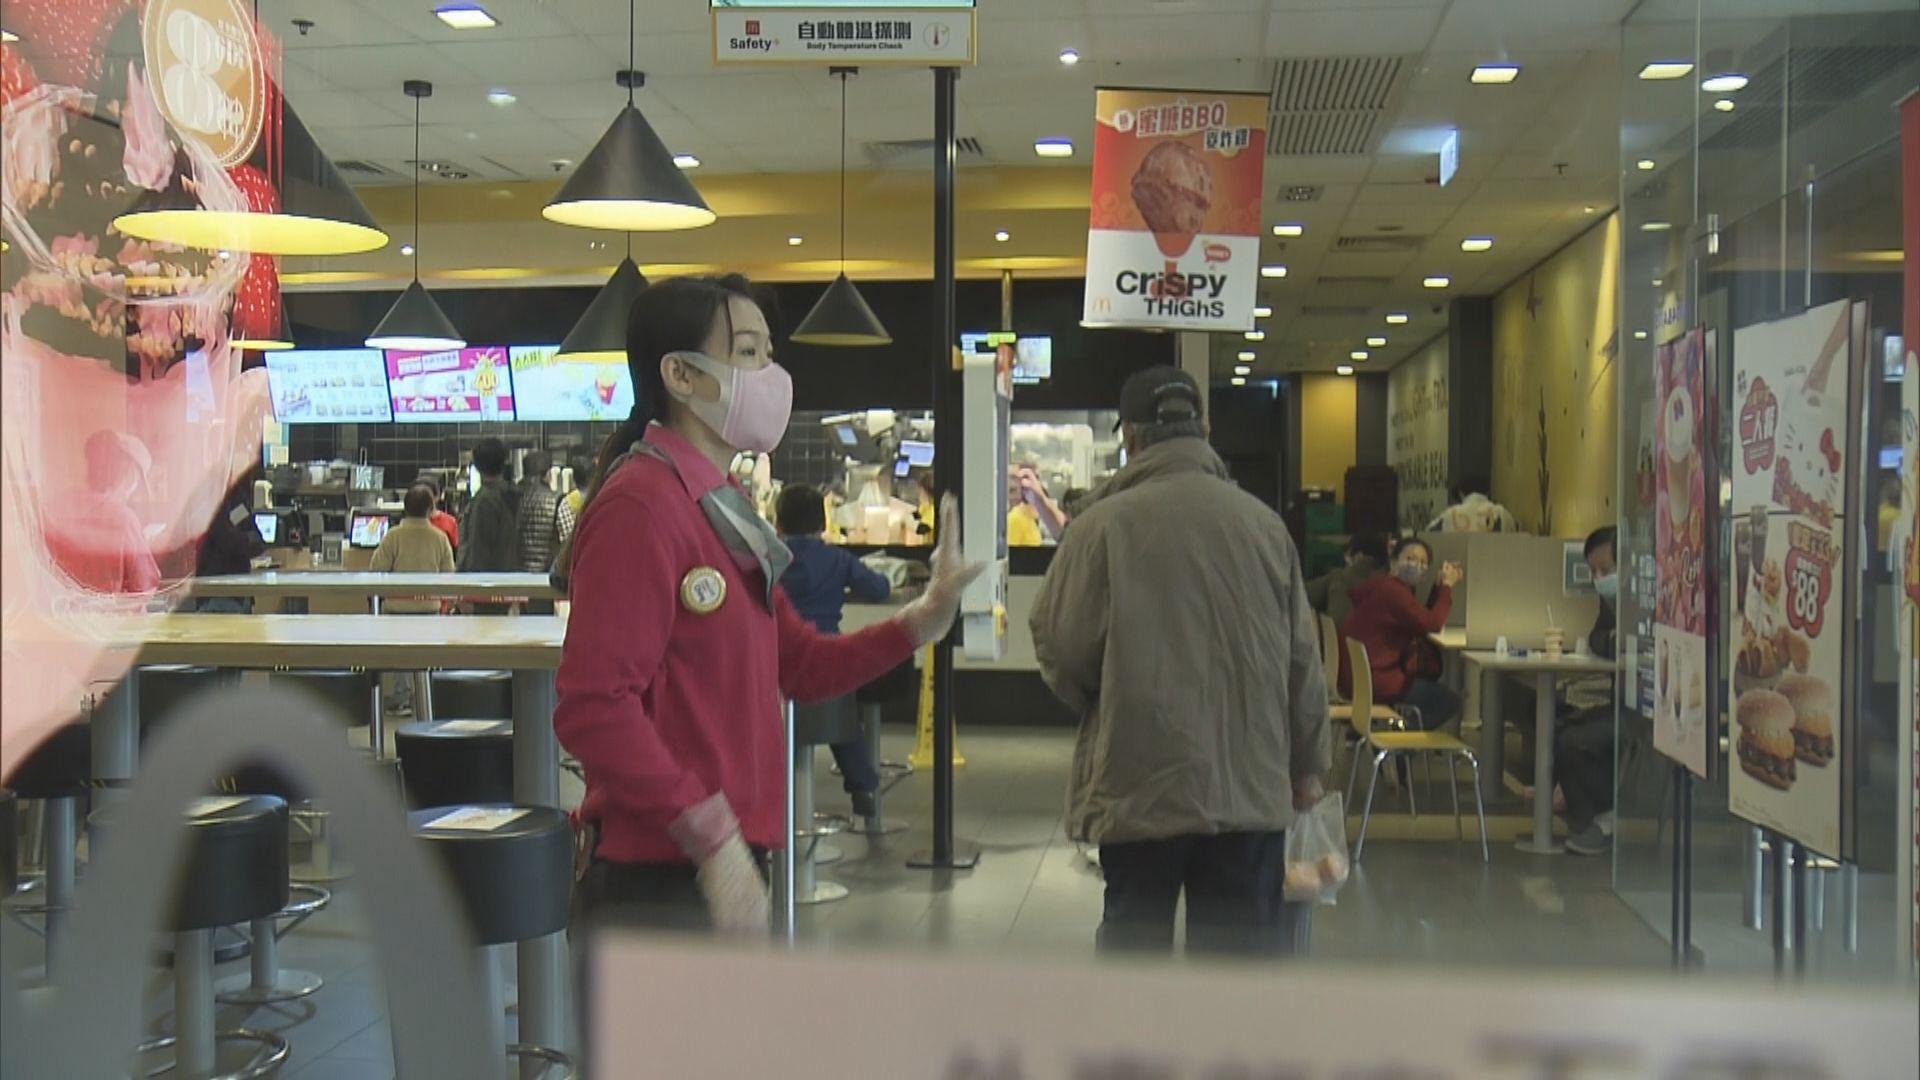 男子拒使用安心出行襲擊快餐店職員後逃去